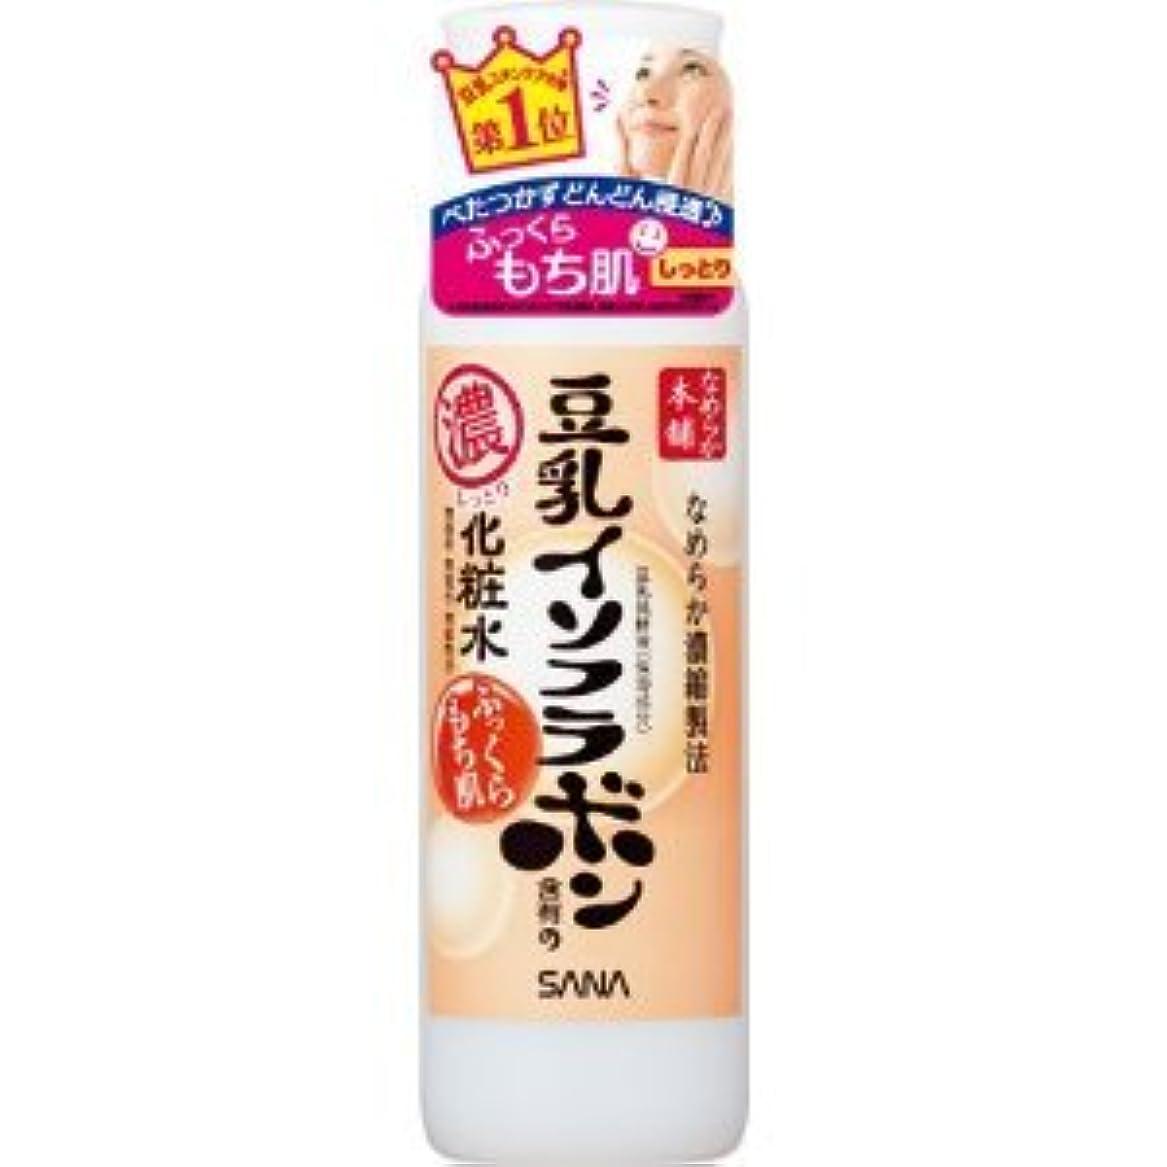 香港摂動白菜サナ なめらか本舗 しっとり化粧水NA 3本セット